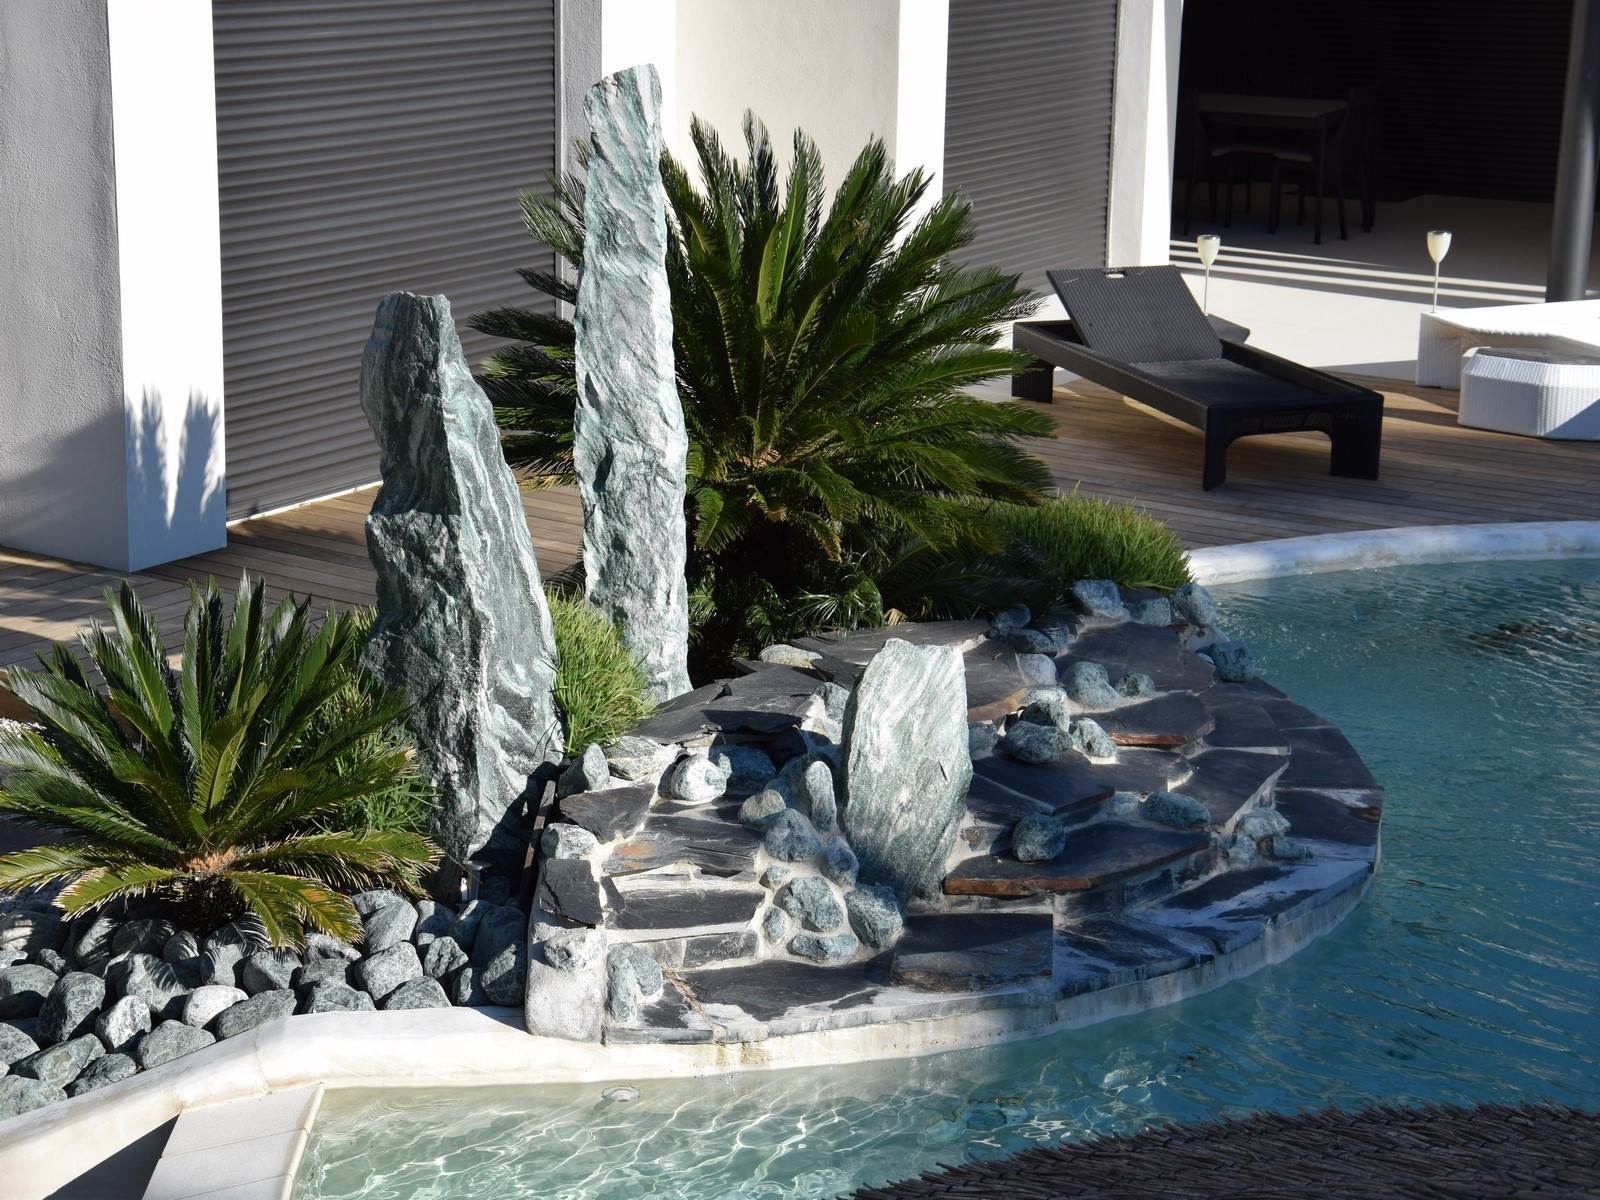 Deco Jardin Avec Piscine Meilleur De Collection 51 Finest Vues De Idee De Decoration De Jardin Exterieur